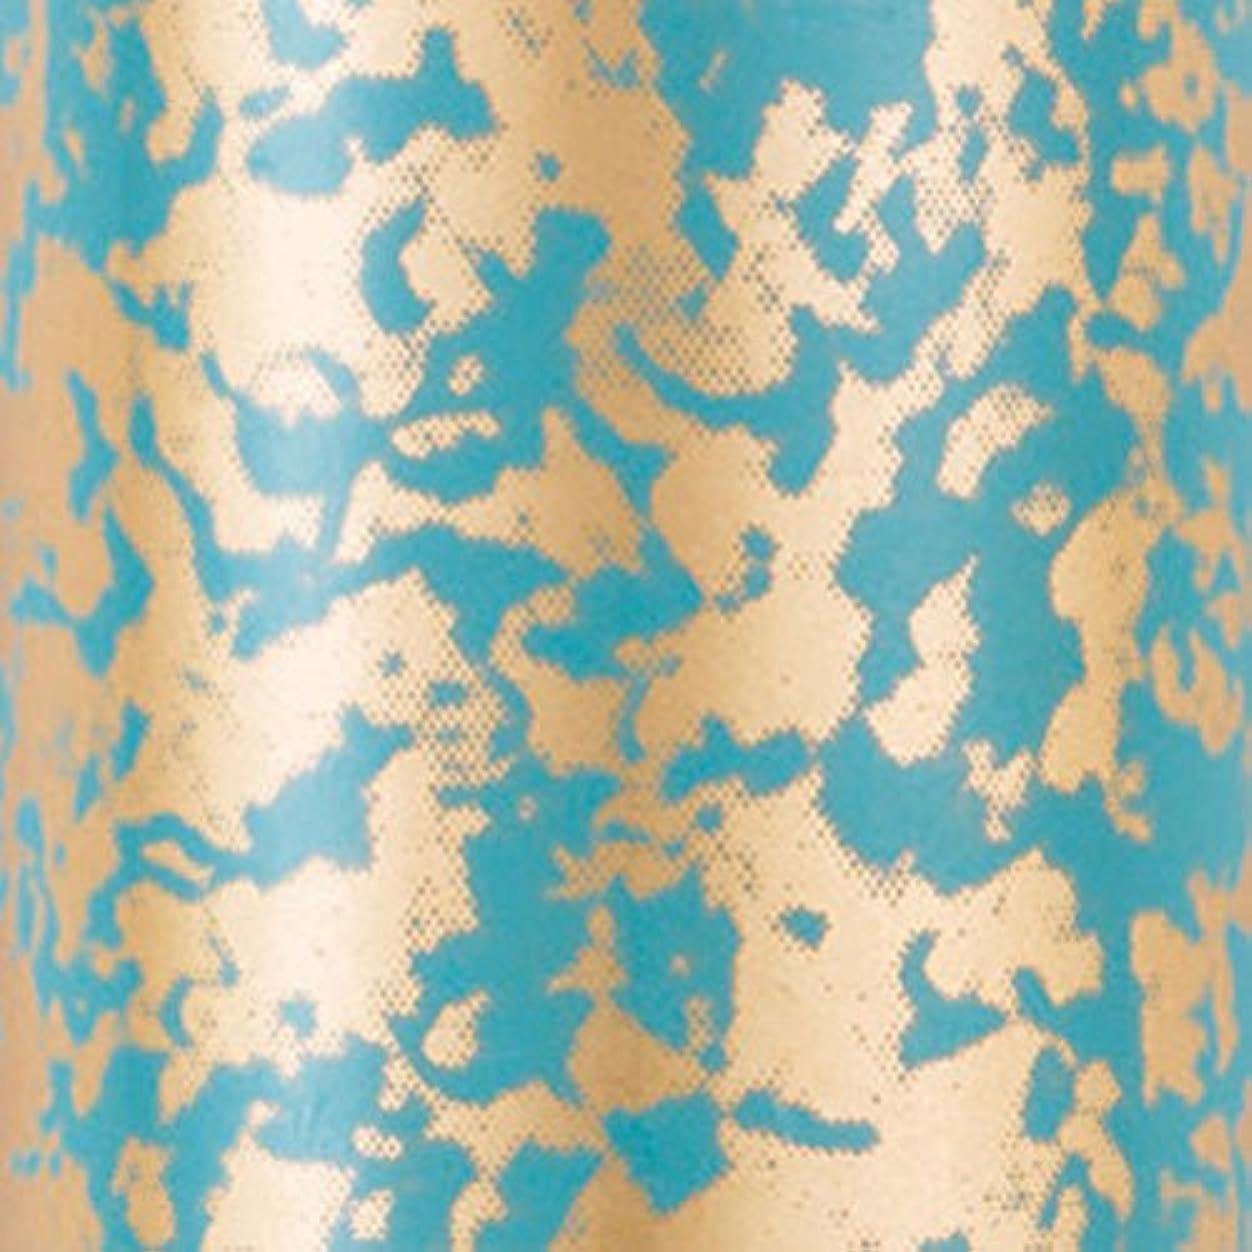 図折り目くぼみBioSculpture ミラーフォイル ジェイド ジェルアート専用のアートツール アート材